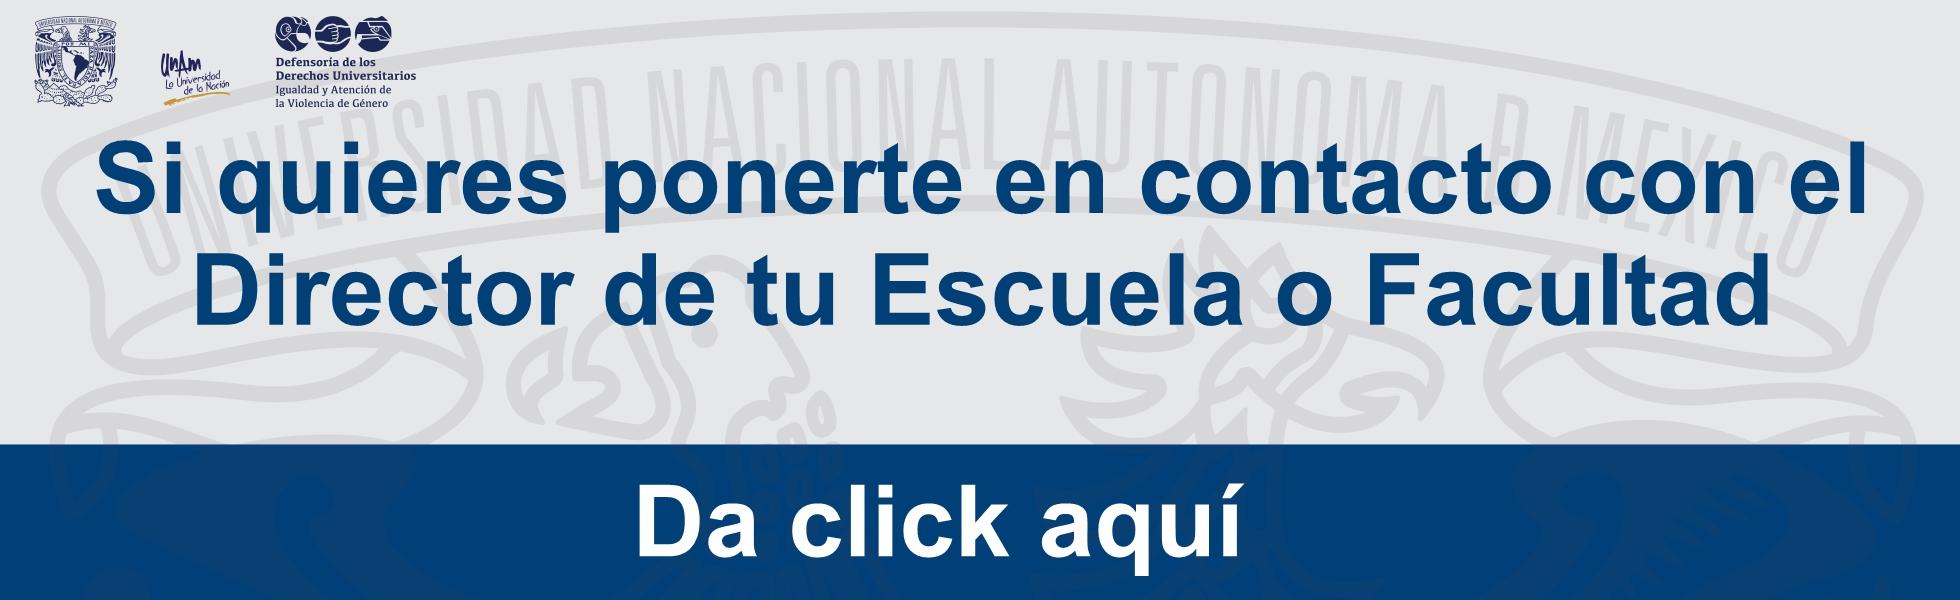 Banner informativo